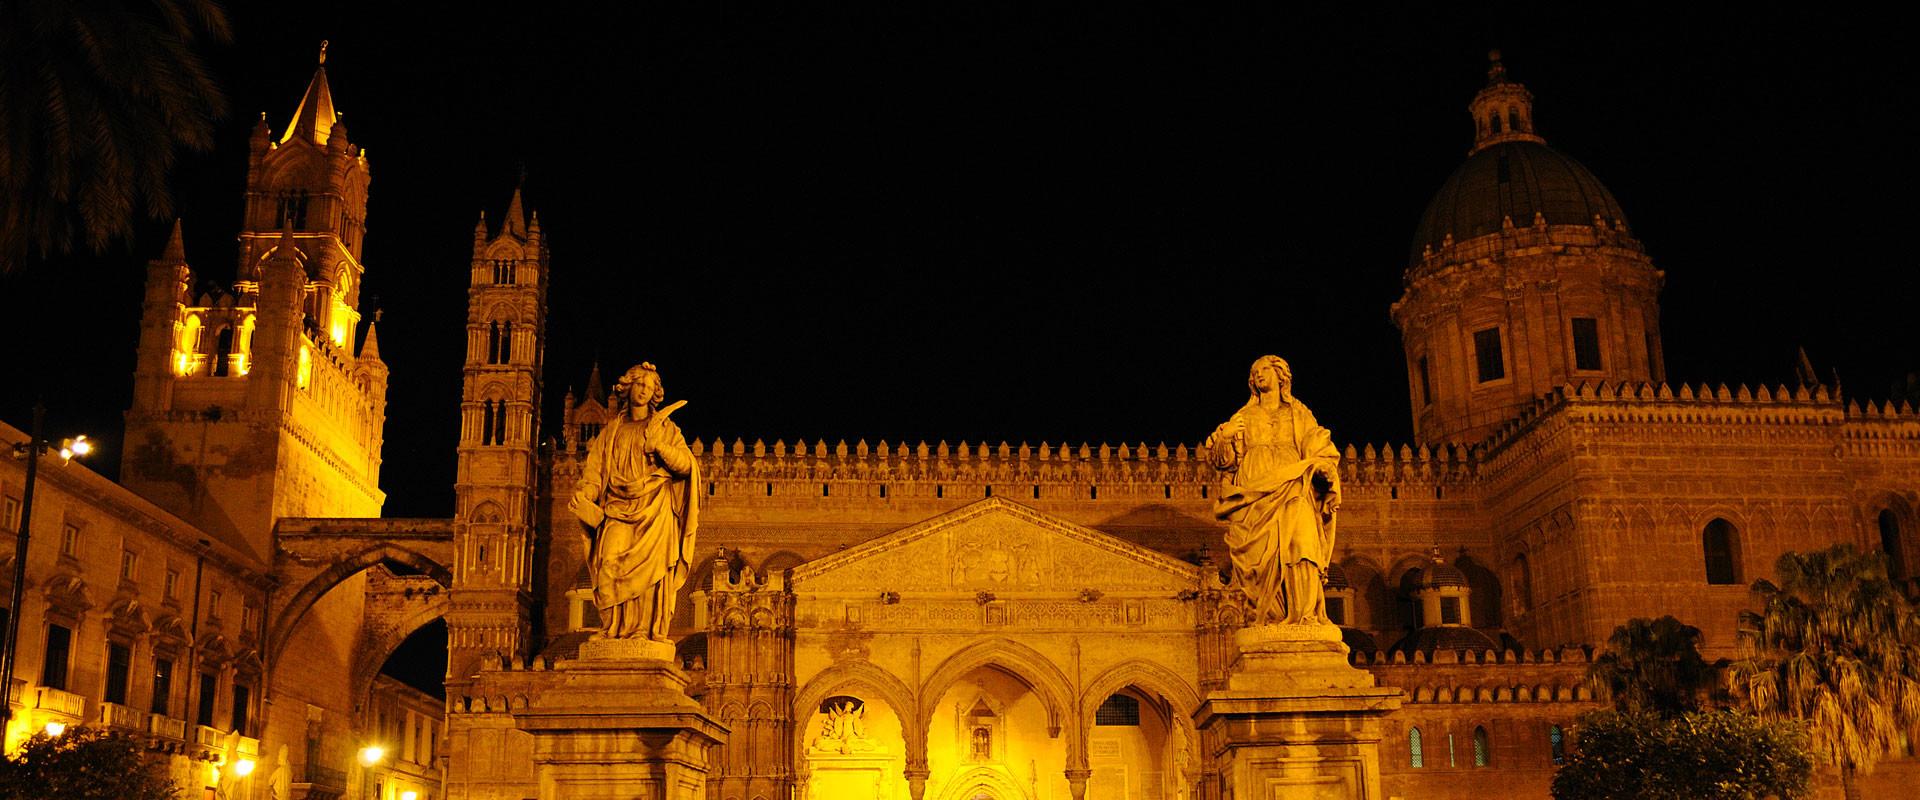 Santa Sicilia punti-di-vista-palermitani